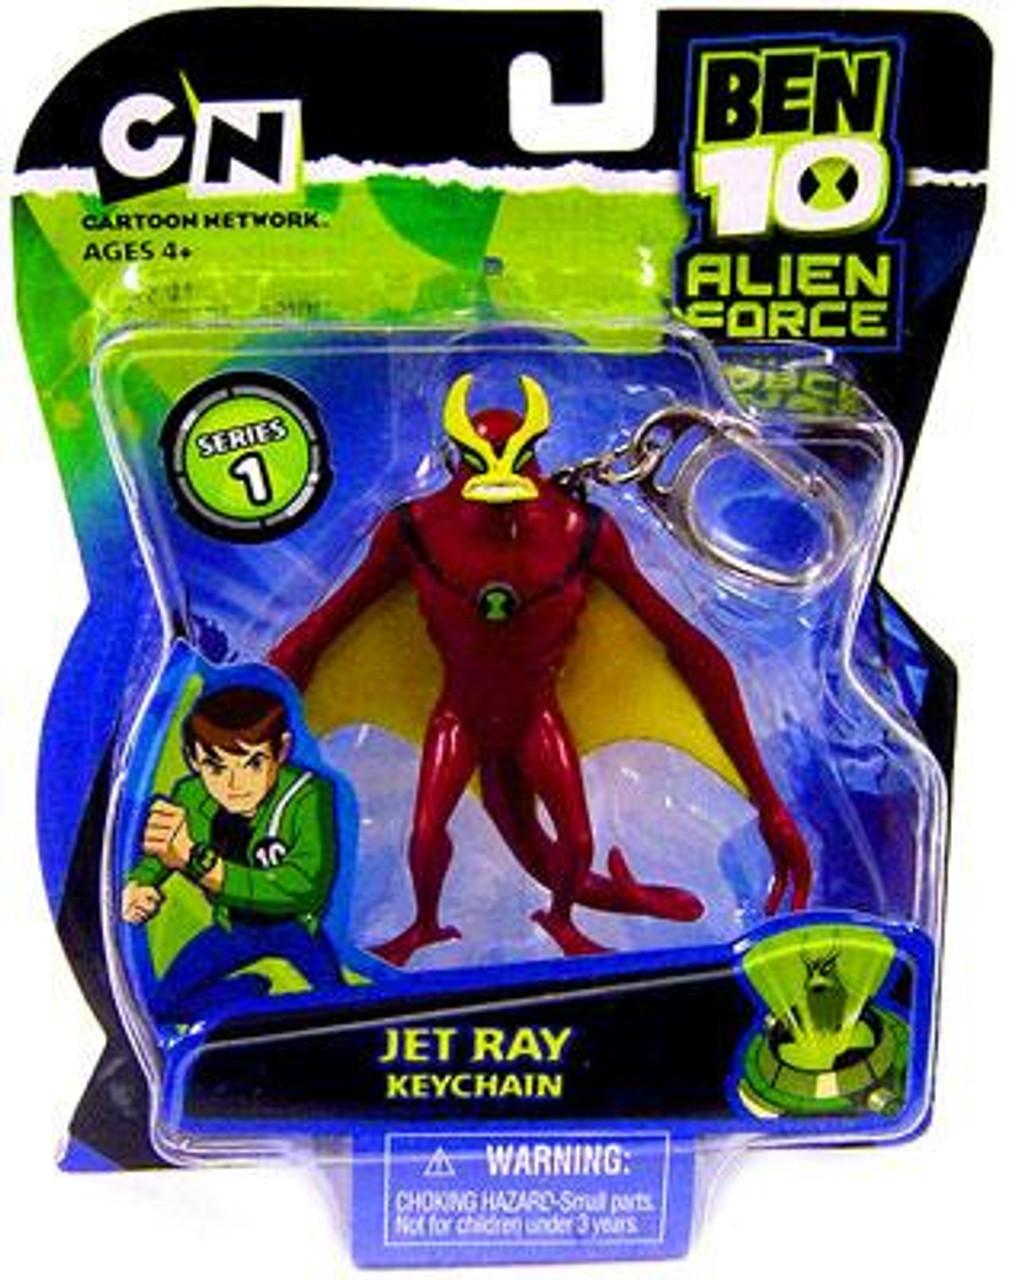 Ben 10 Alien Force Jet Ray Keychain